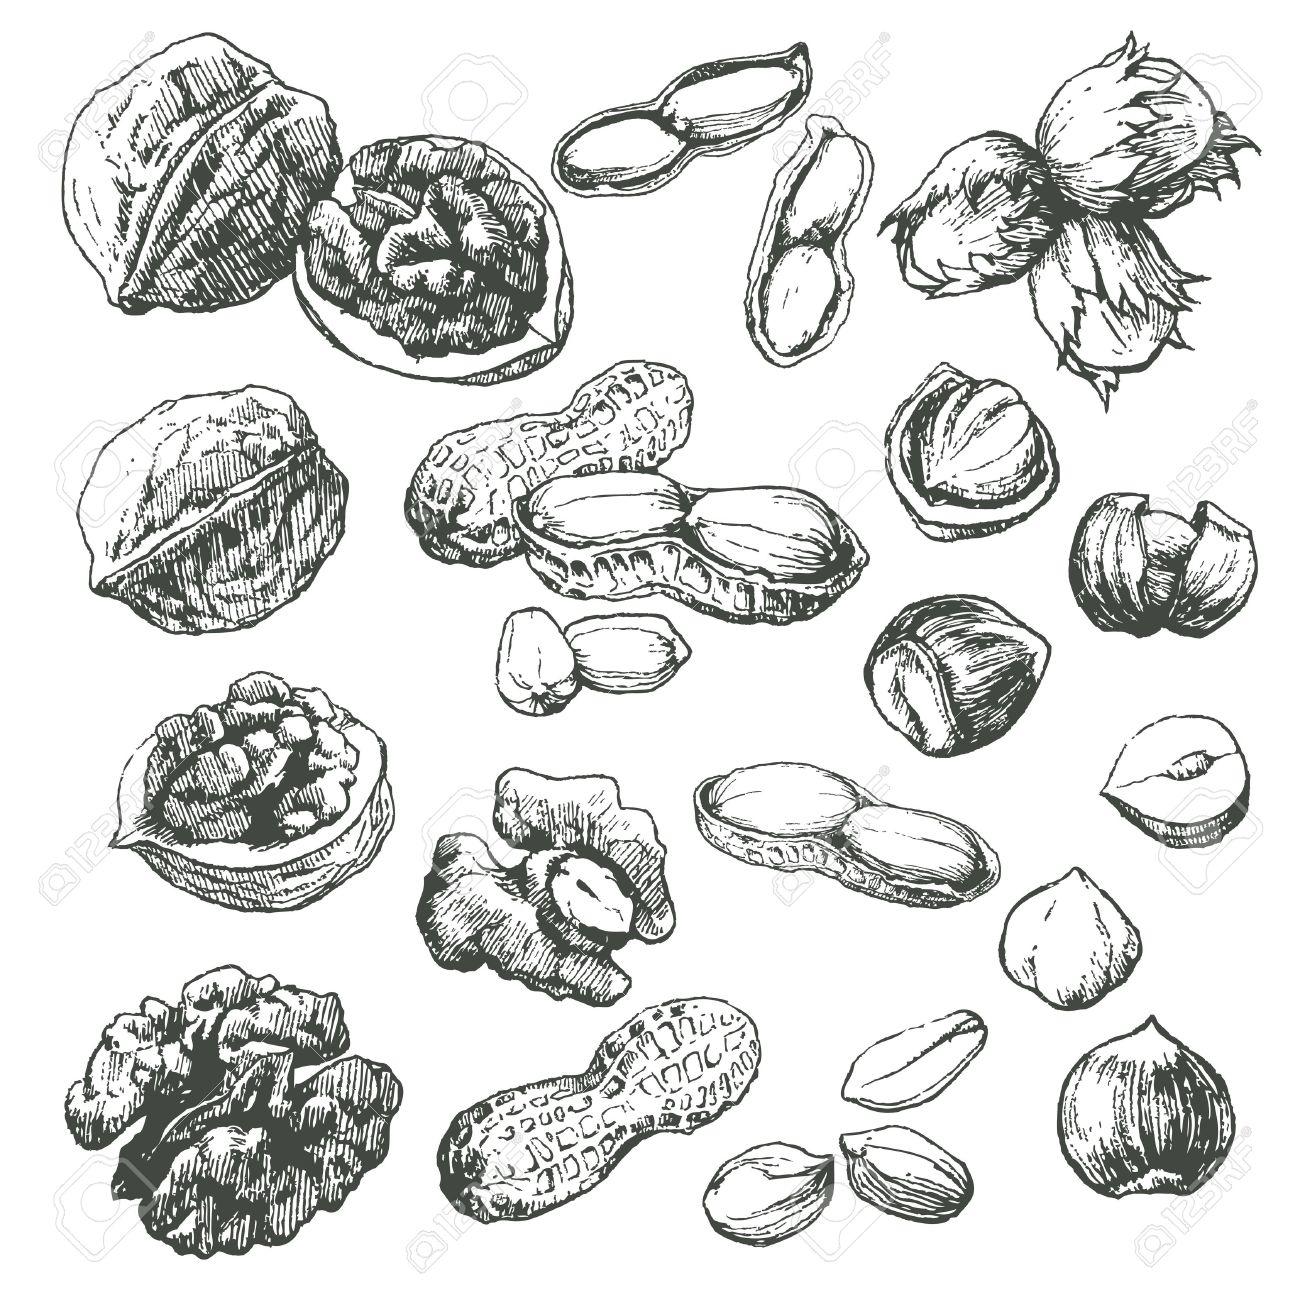 Dibujo de frutas secas - Imagui